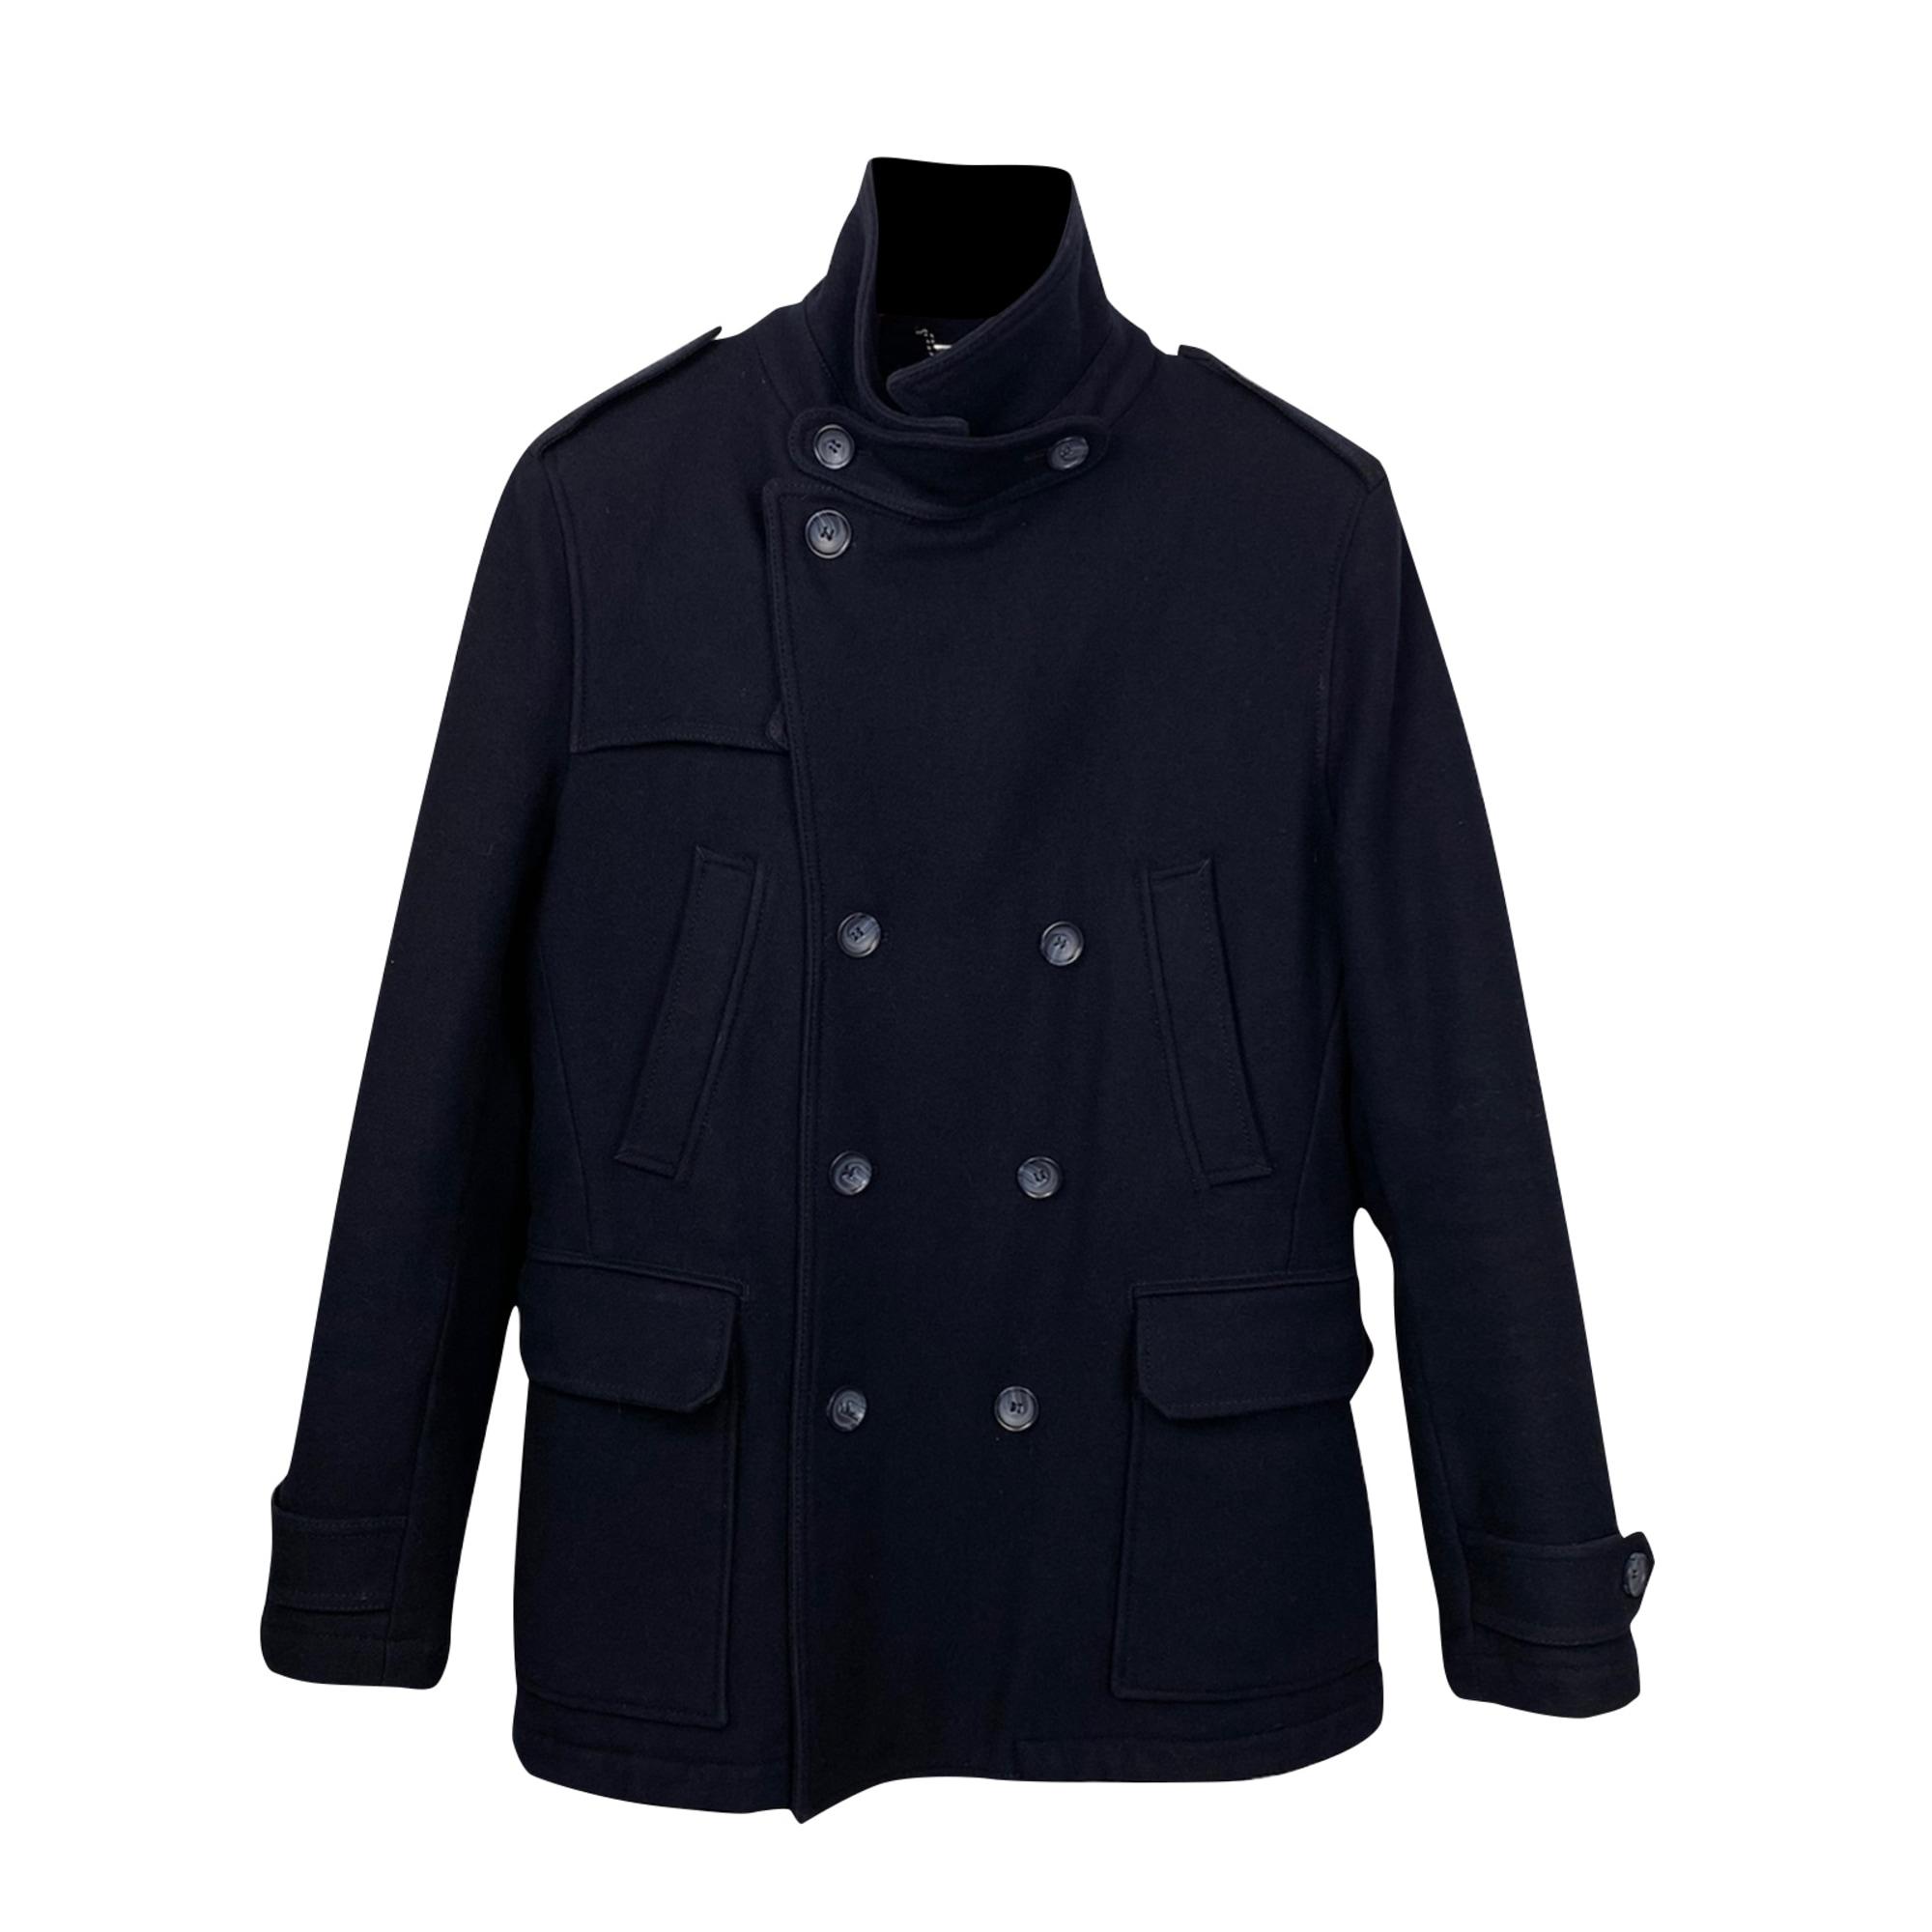 Coat DOLCE & GABBANA Blue, navy, turquoise